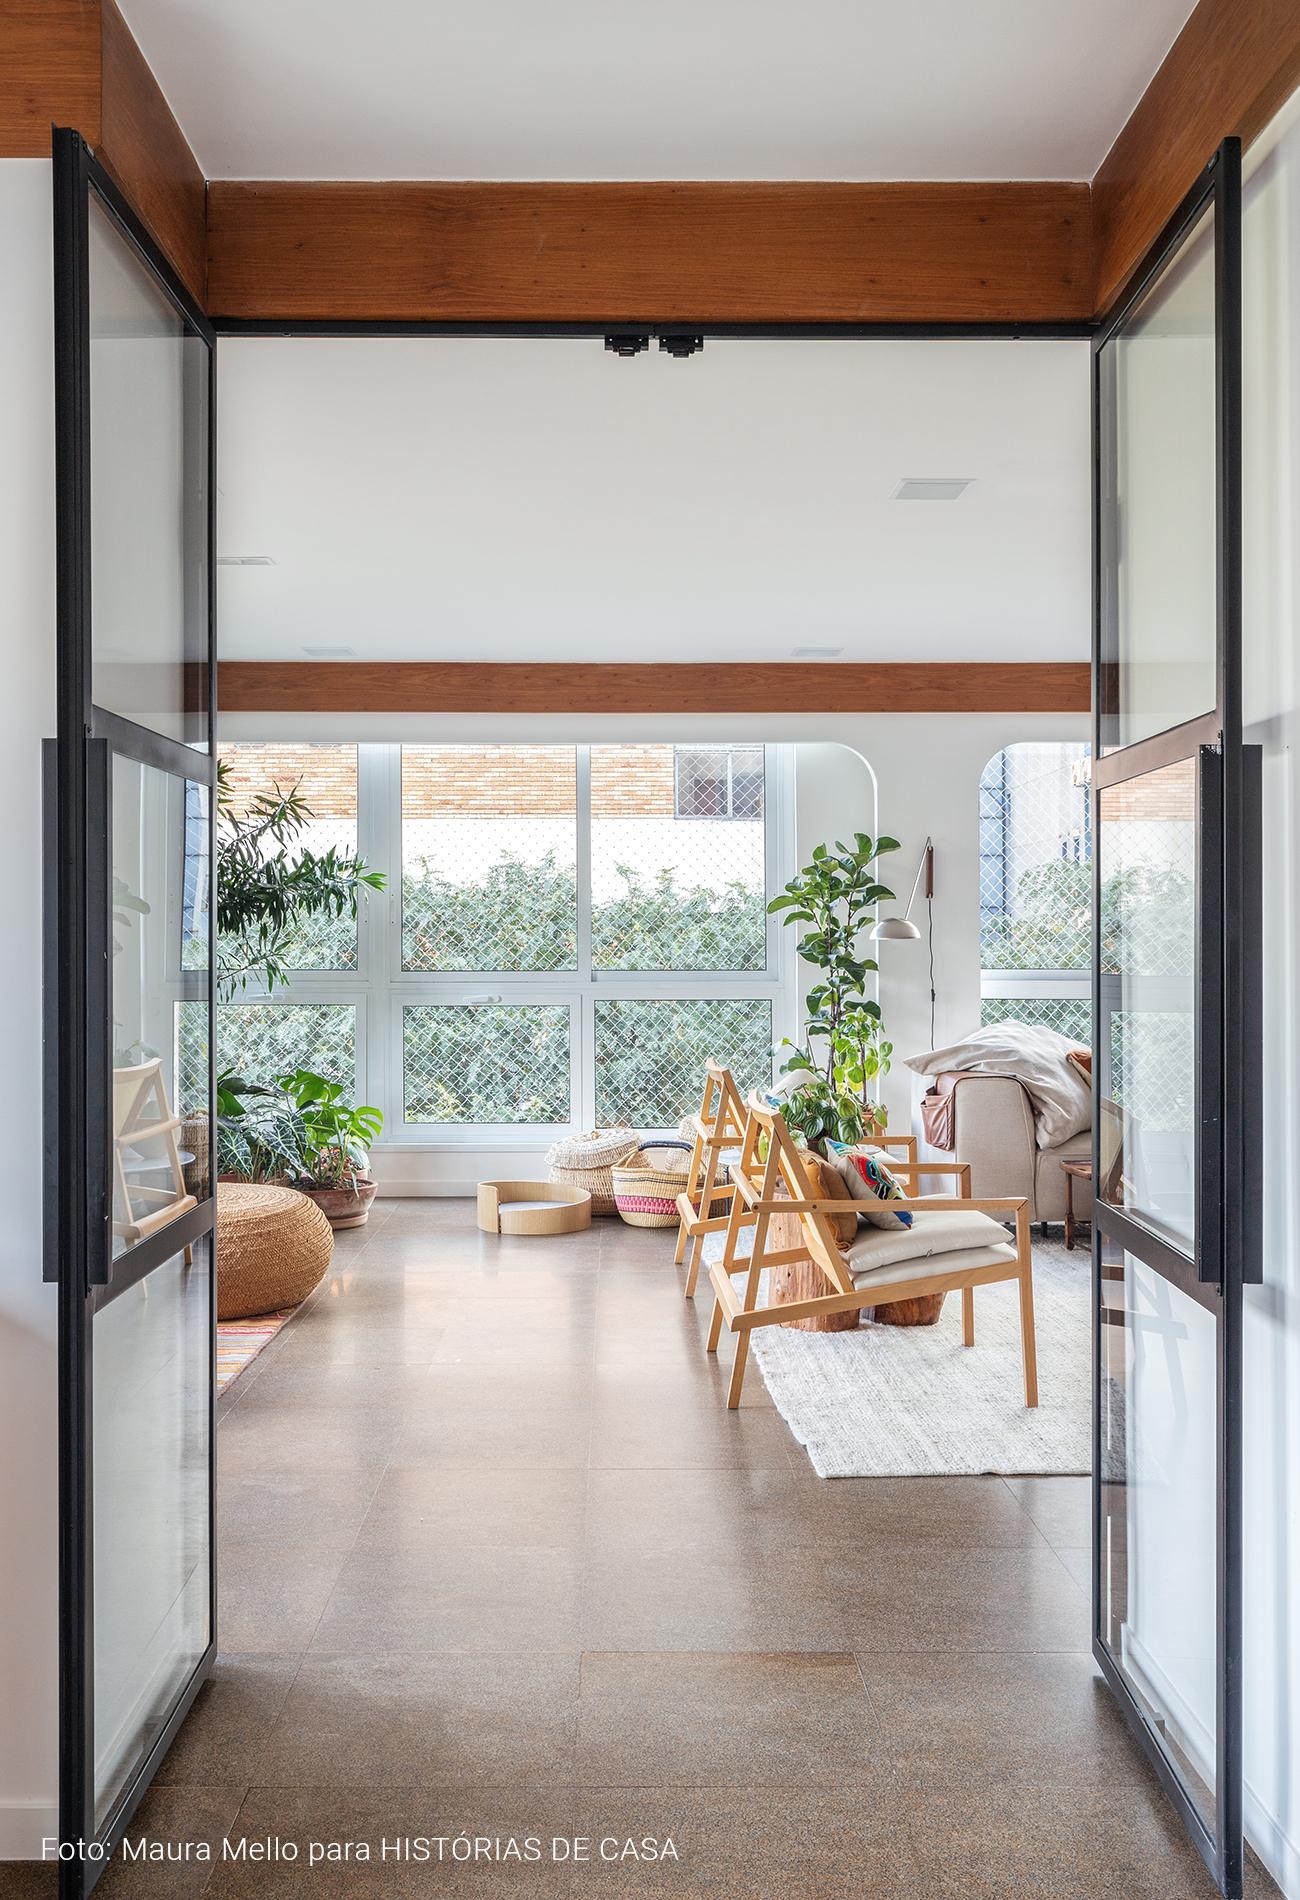 Apartamento com portas de serralheria e piso cinza